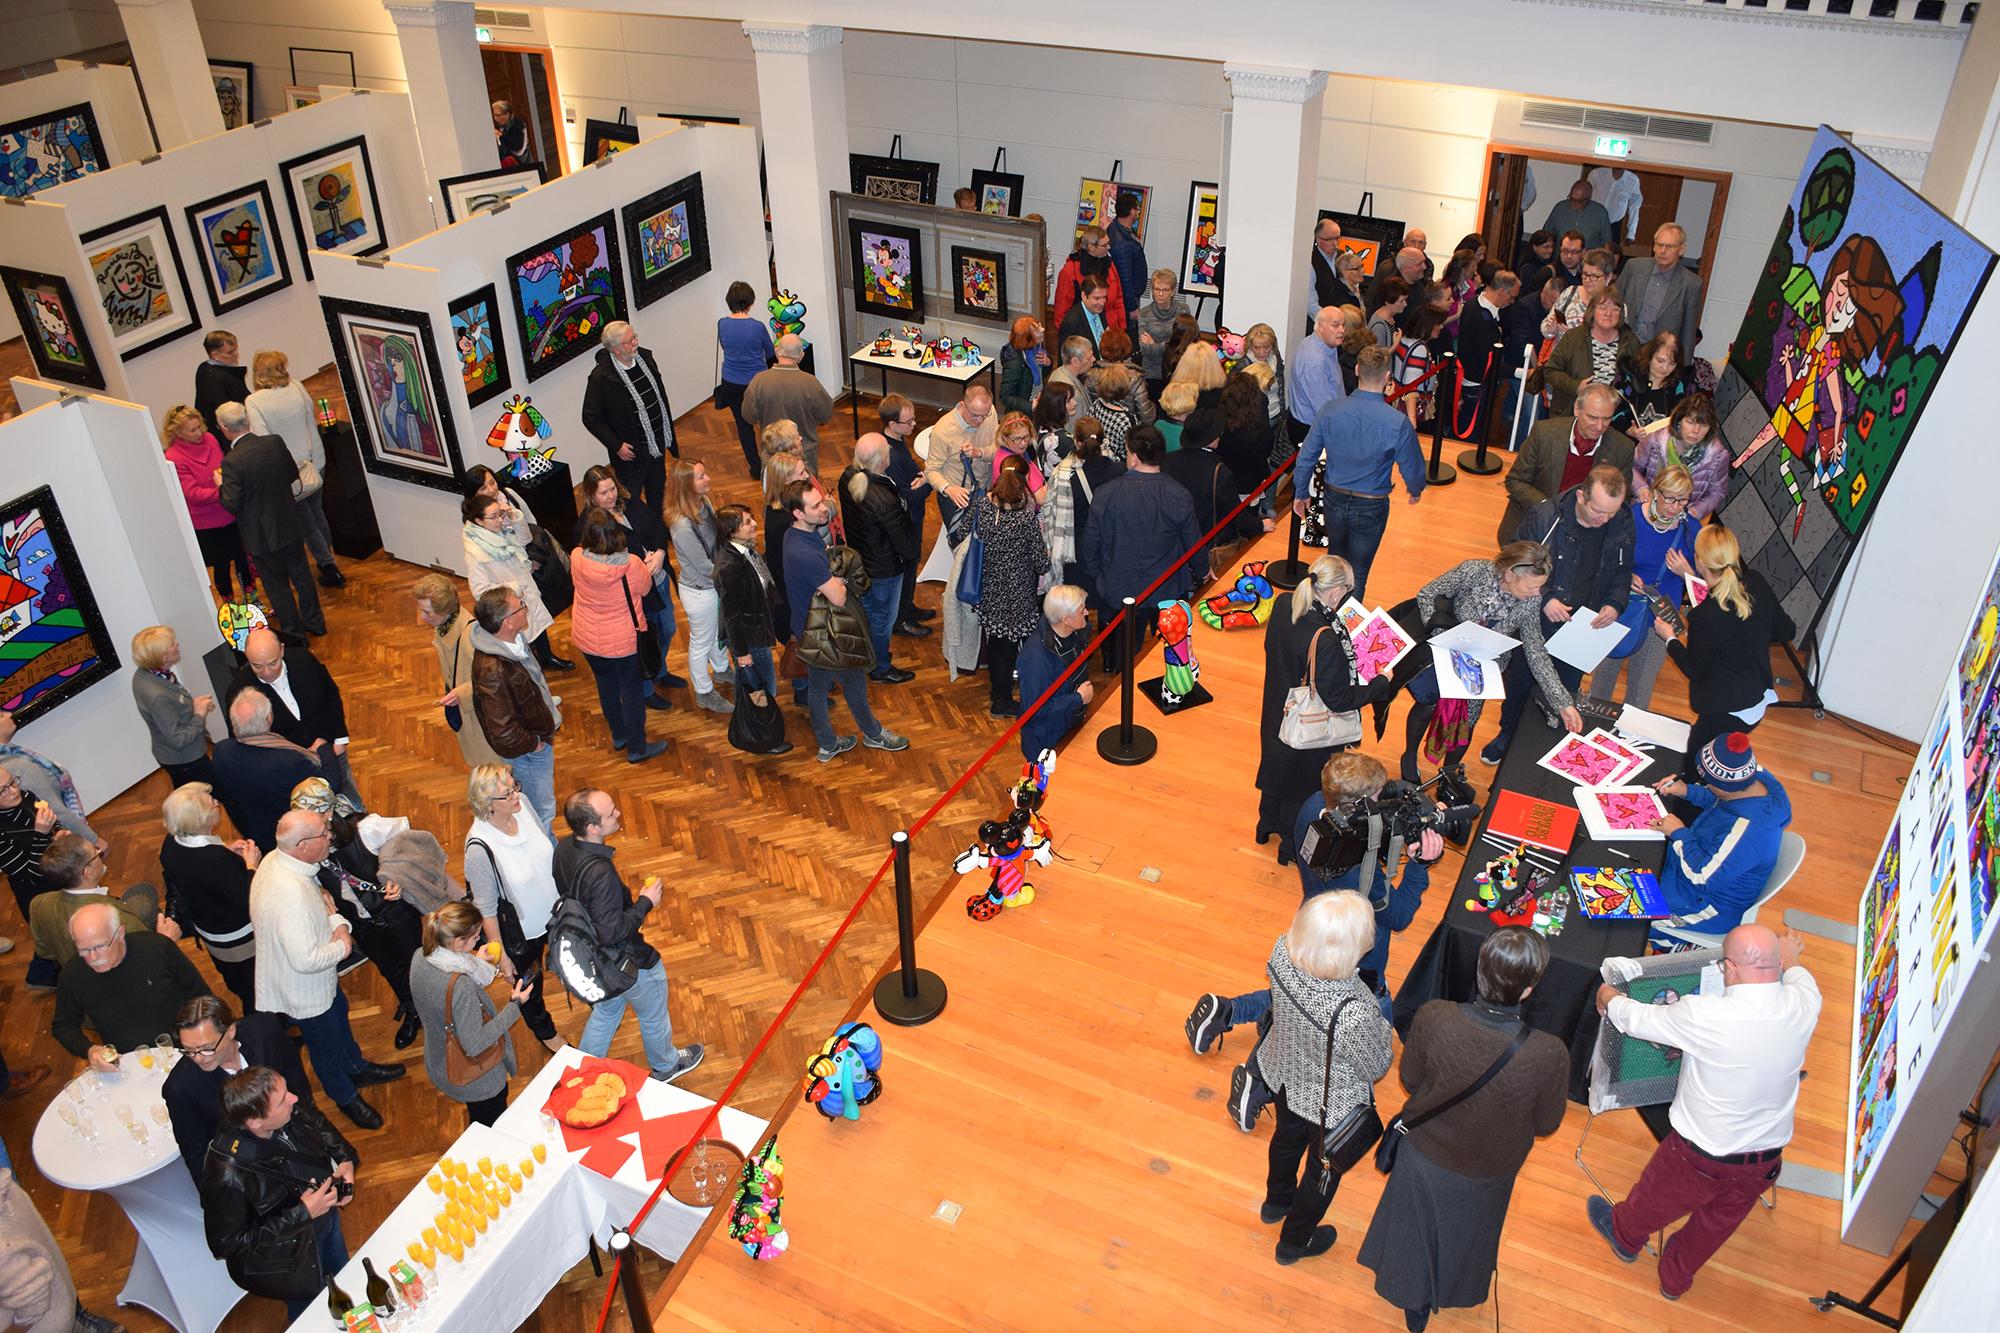 Fazzino-Ausstellung in Hannover